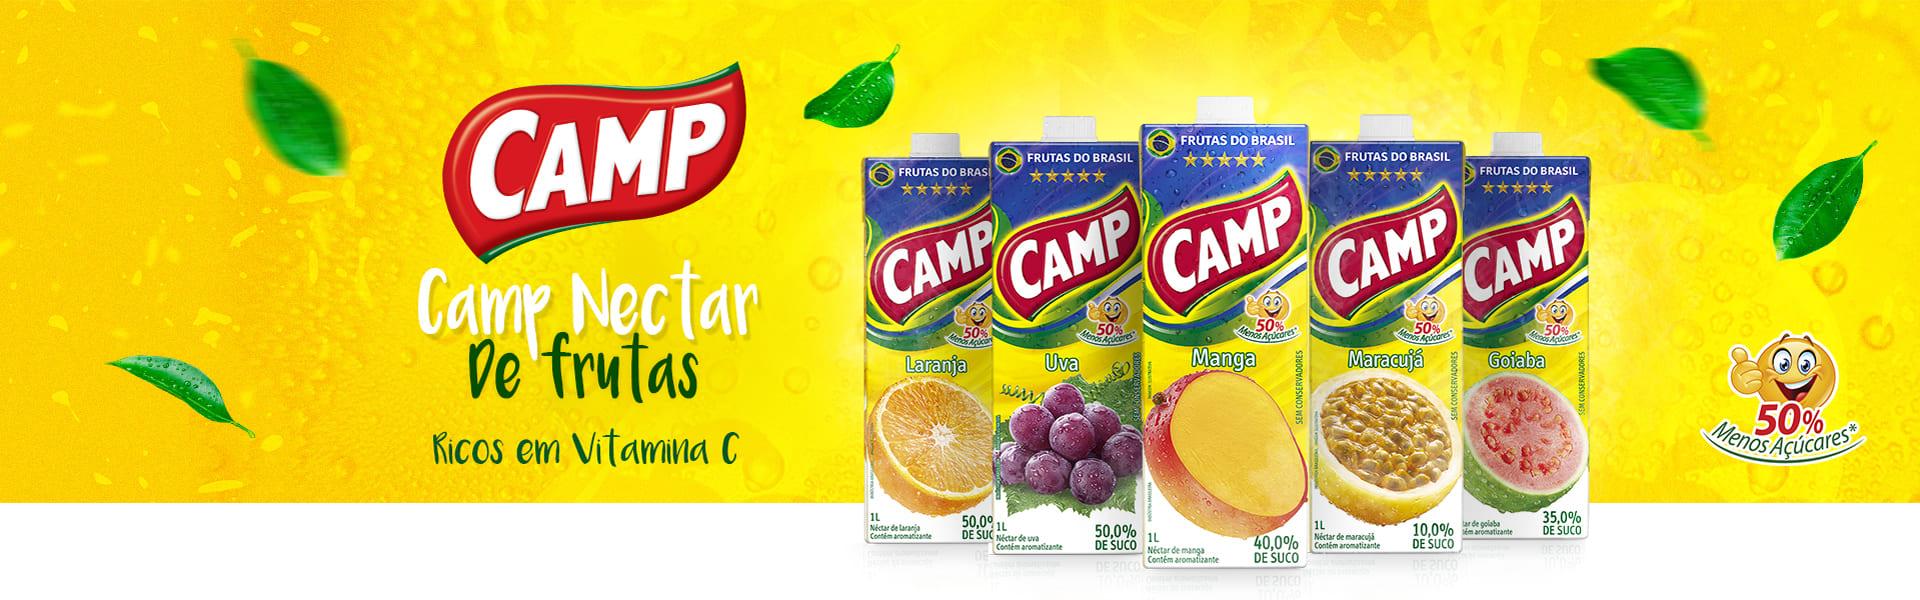 Camp - 1l